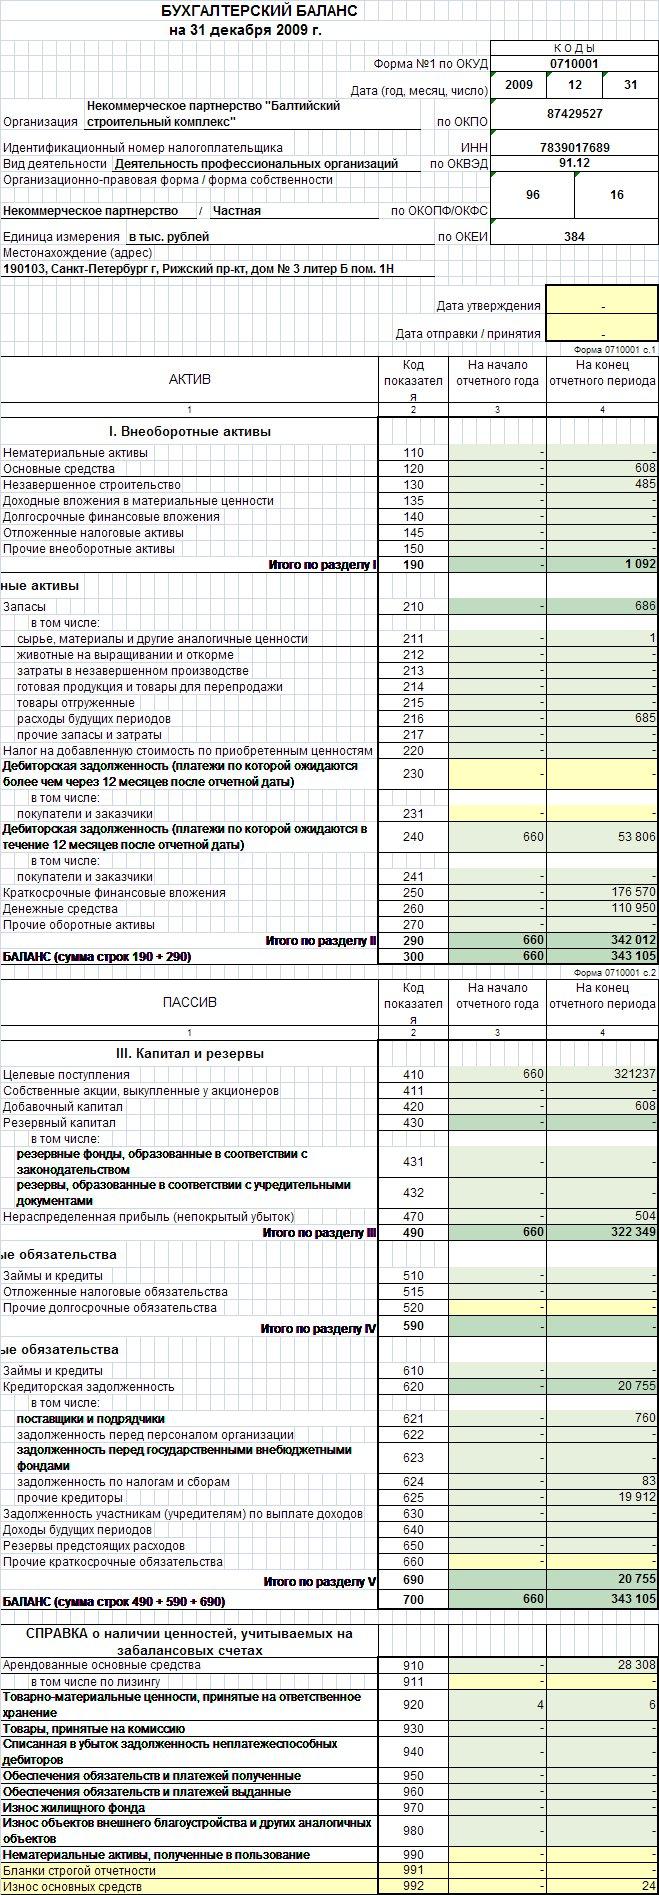 Как сделать анализ бухгалтерского баланса